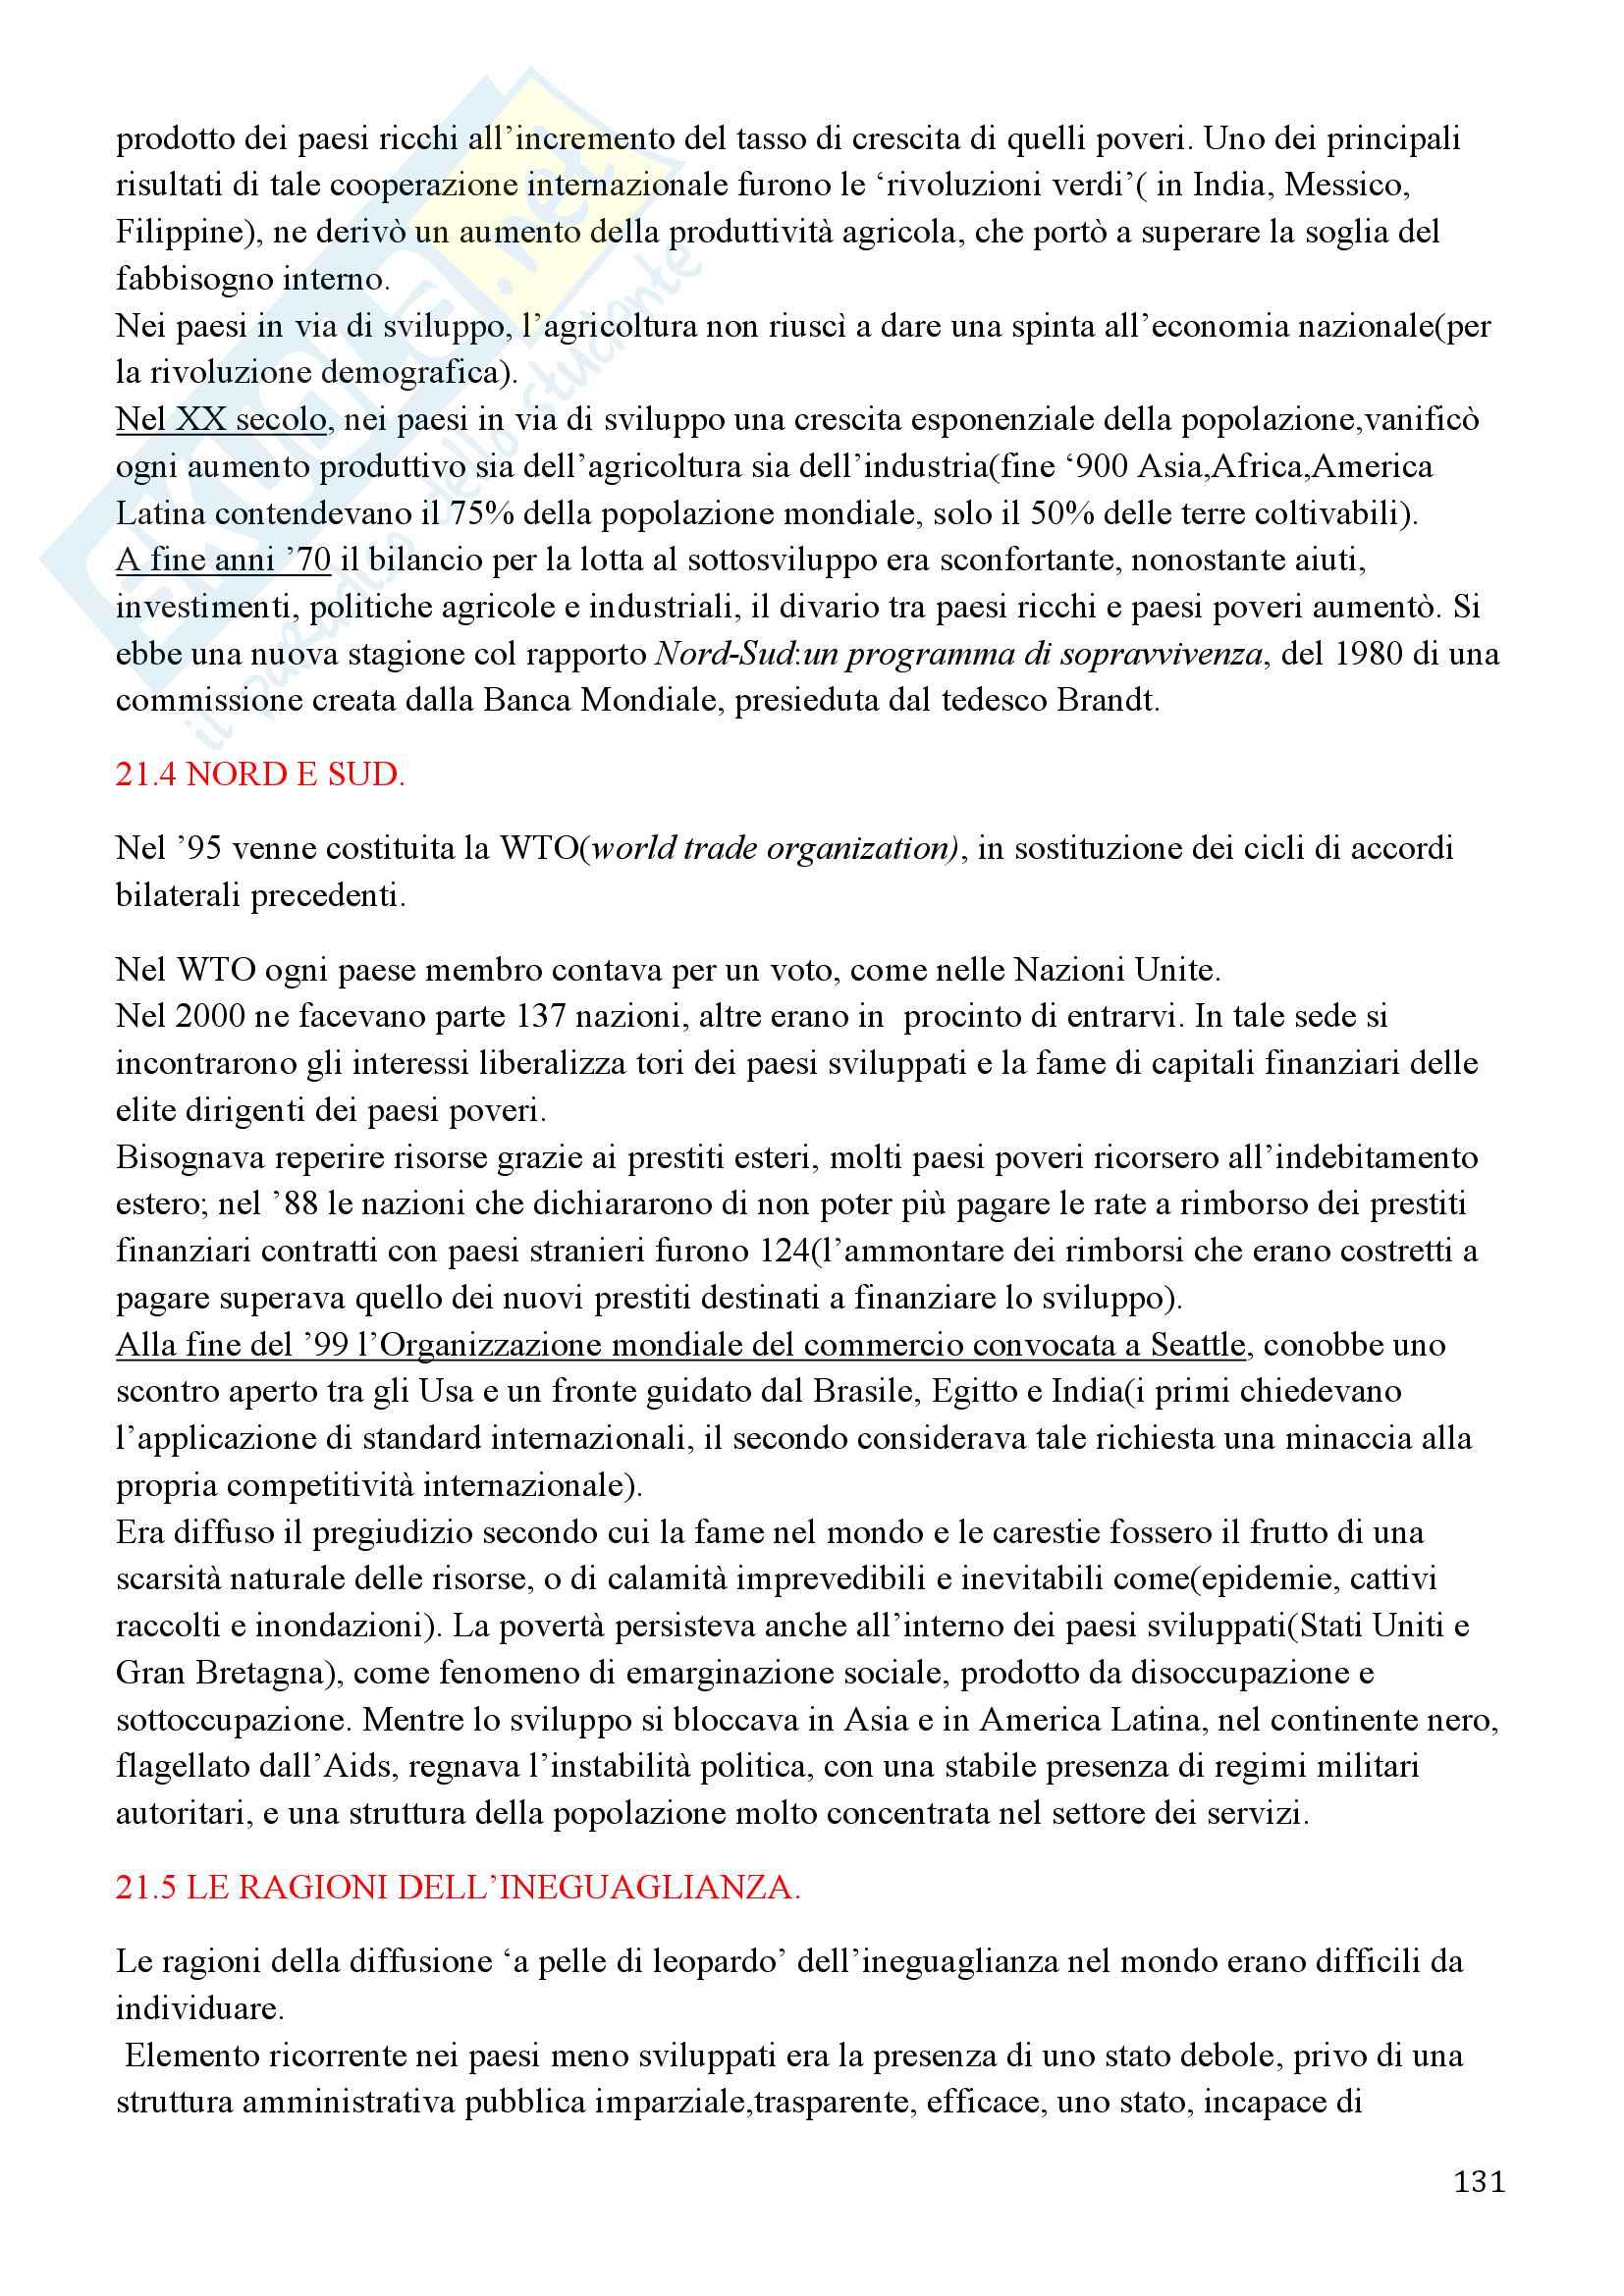 Storia Contemporanea, Detti, Gozzini il Novecento - Riassunto Pag. 131